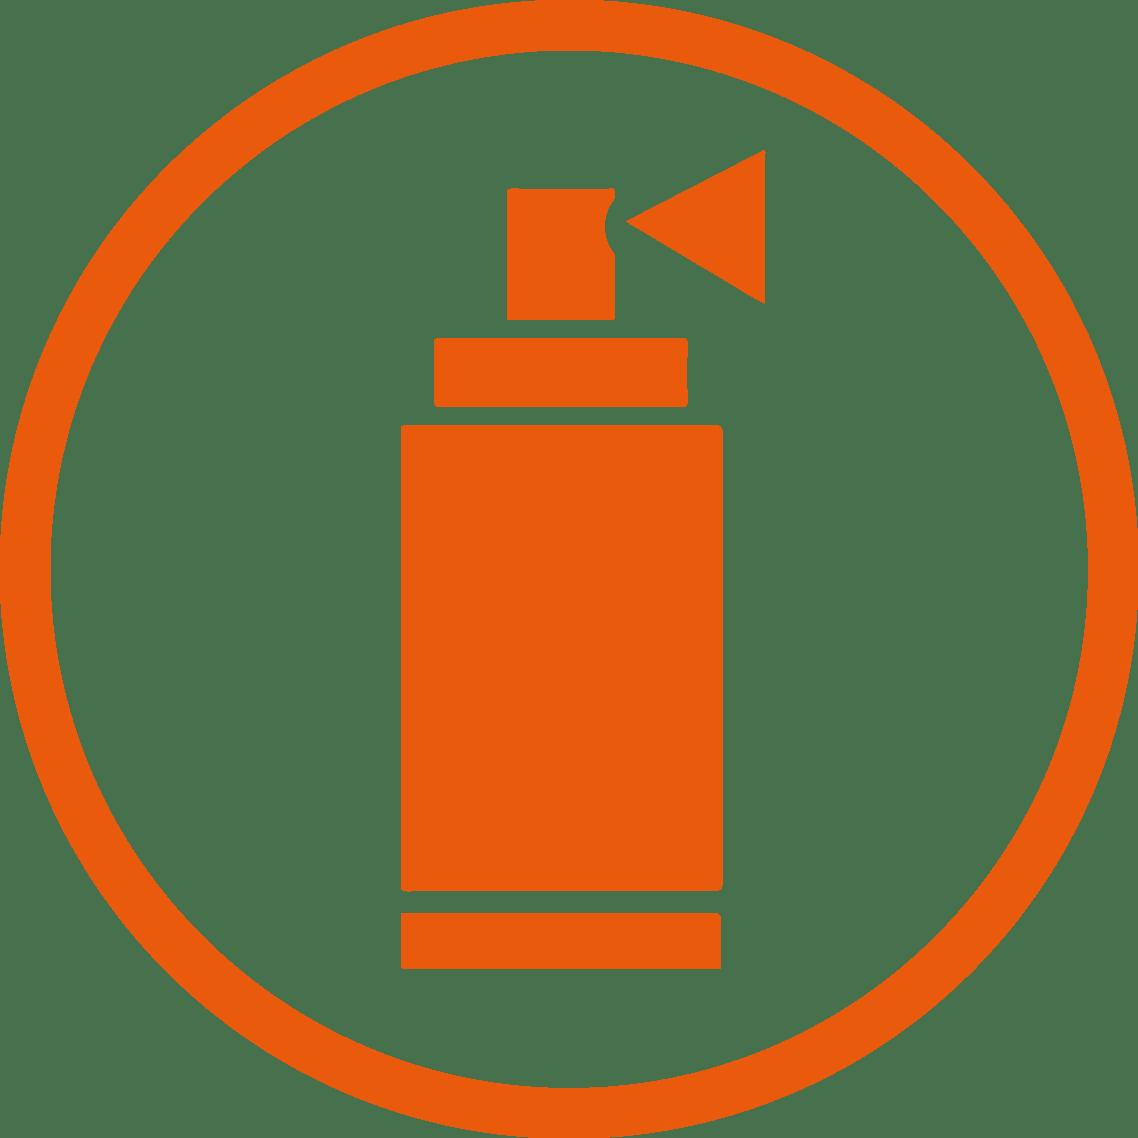 ak_spray_category_akinteractive